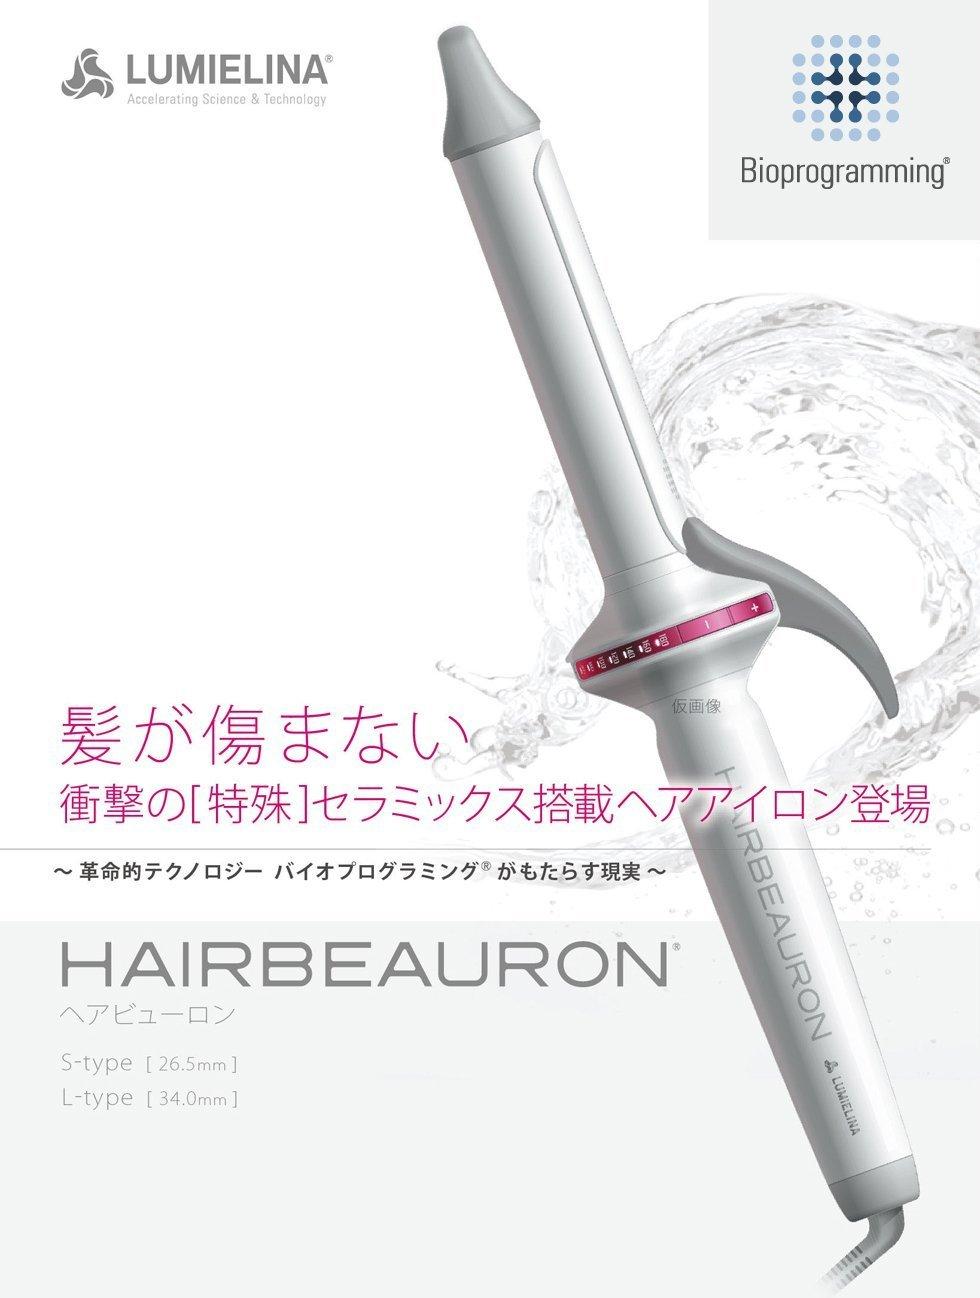 リュミエリーナ ヘアアイロン 「HAIRBEAURON L-type」(カール 34.0mm) HBR-L